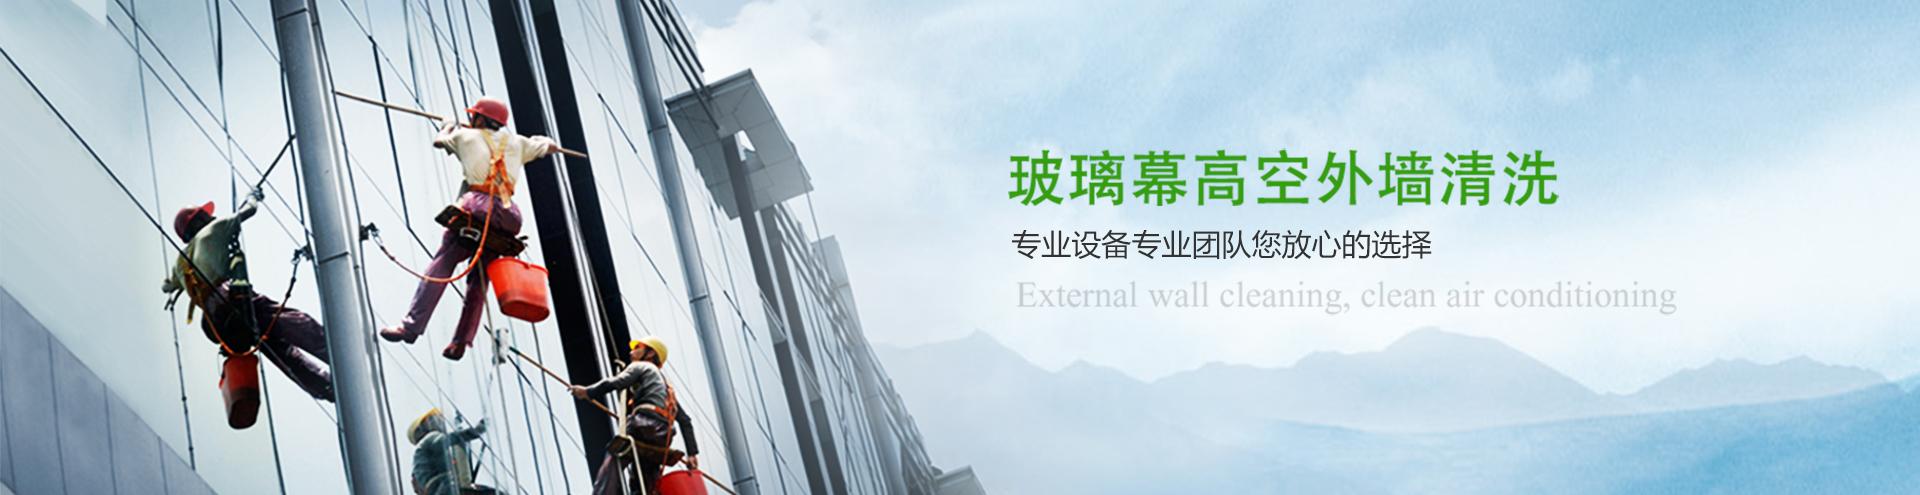 上海家政保洁